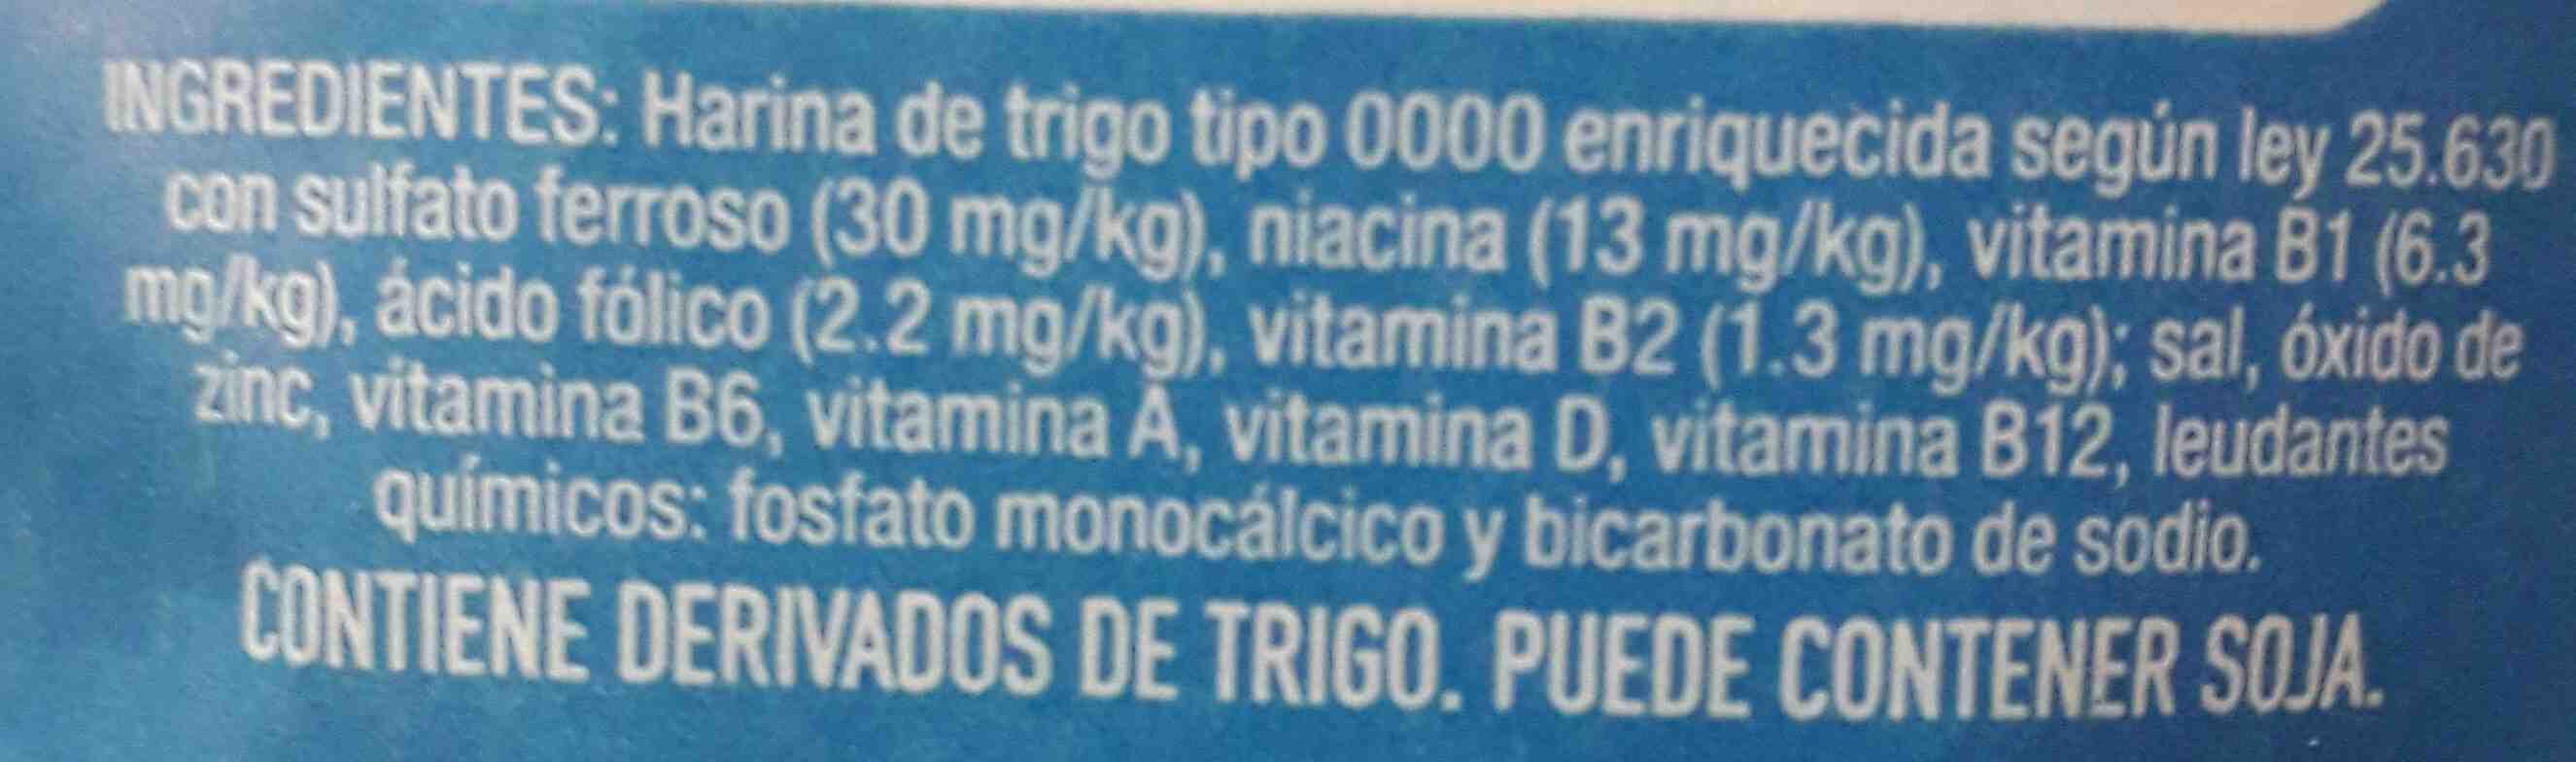 harina - Ingredientes